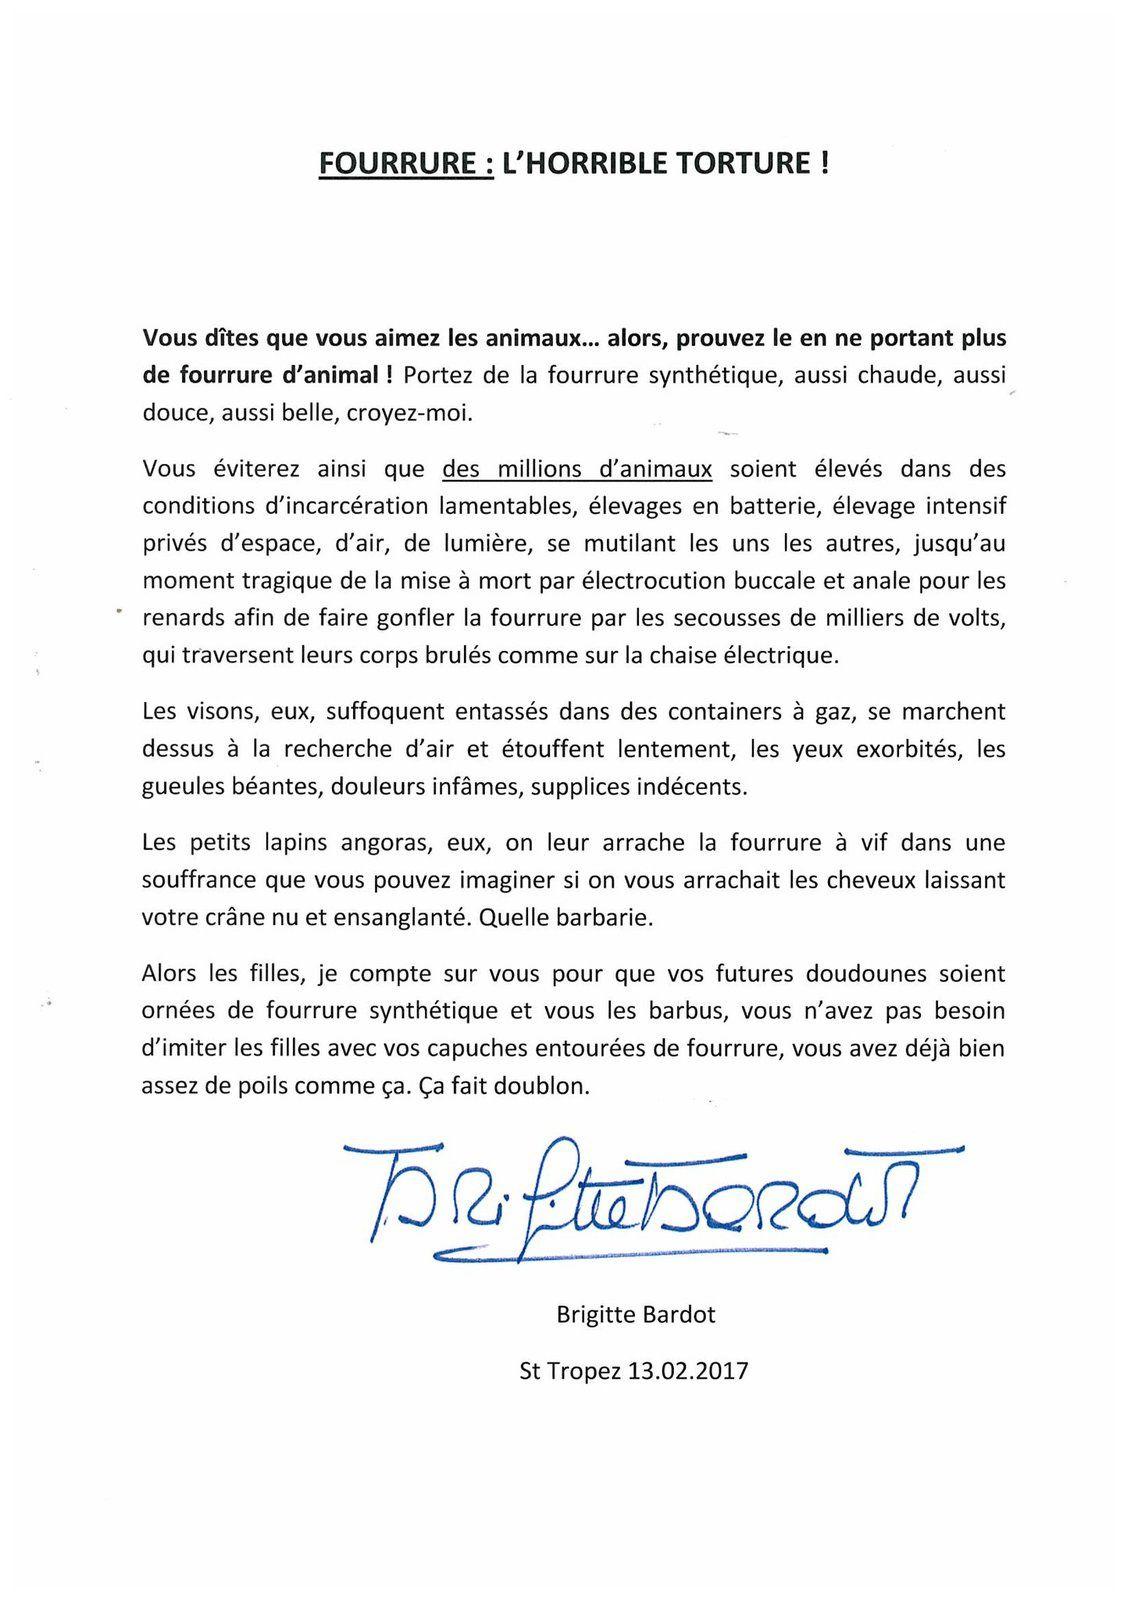 Brigitte Bardot : Vous aimez les Animaux ? Alors ne portez plus de fourrure